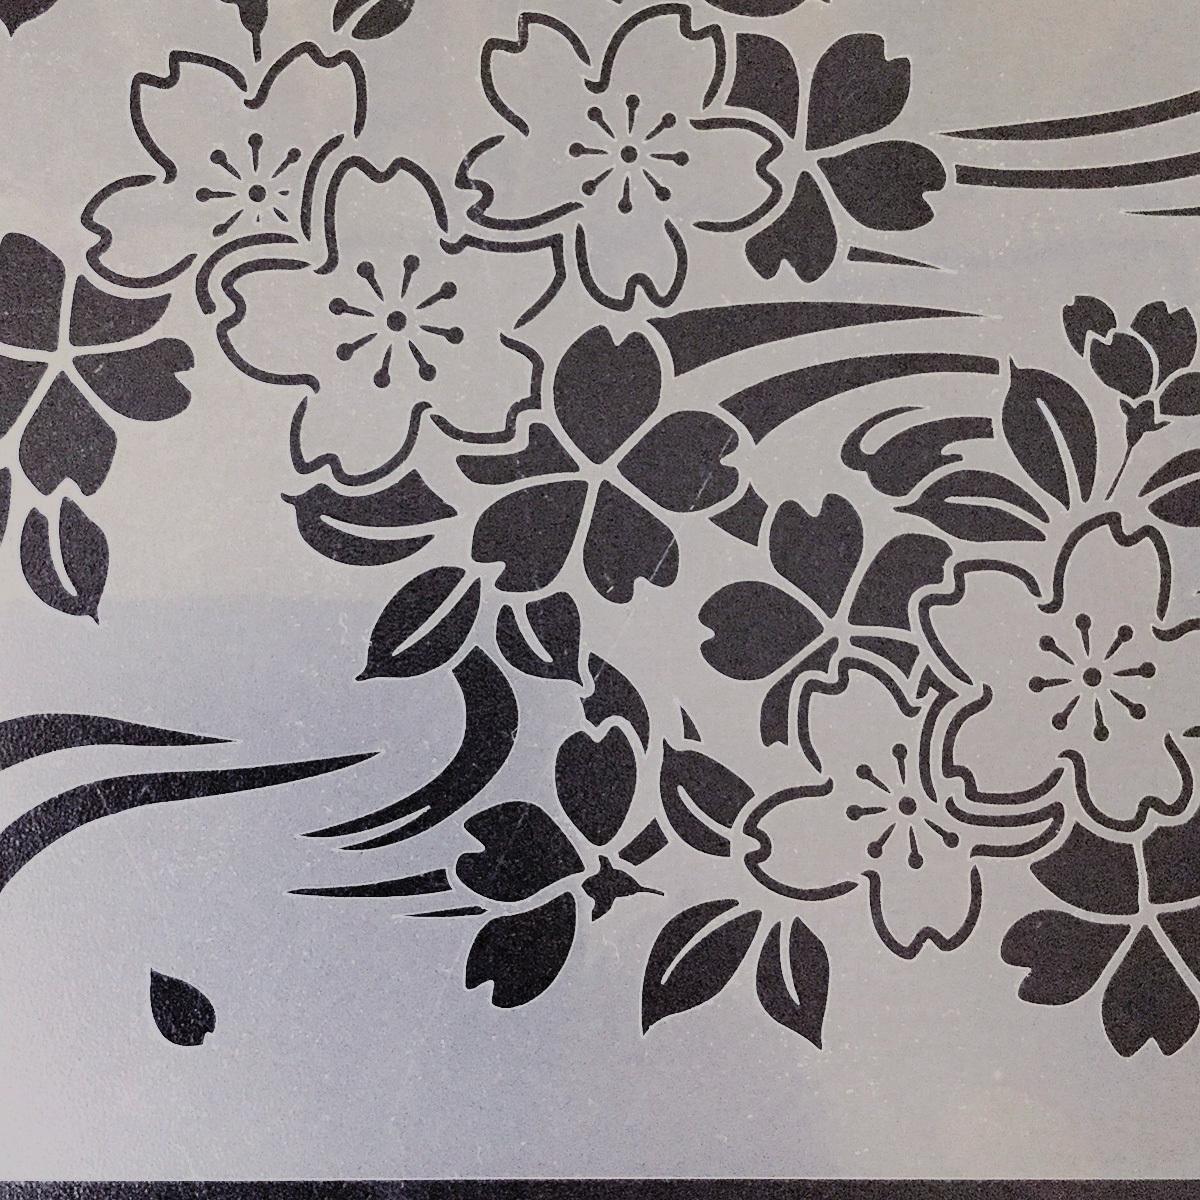 さくら4番 花 桜と流水 ステンシルシート 図案型紙 No554_画像6